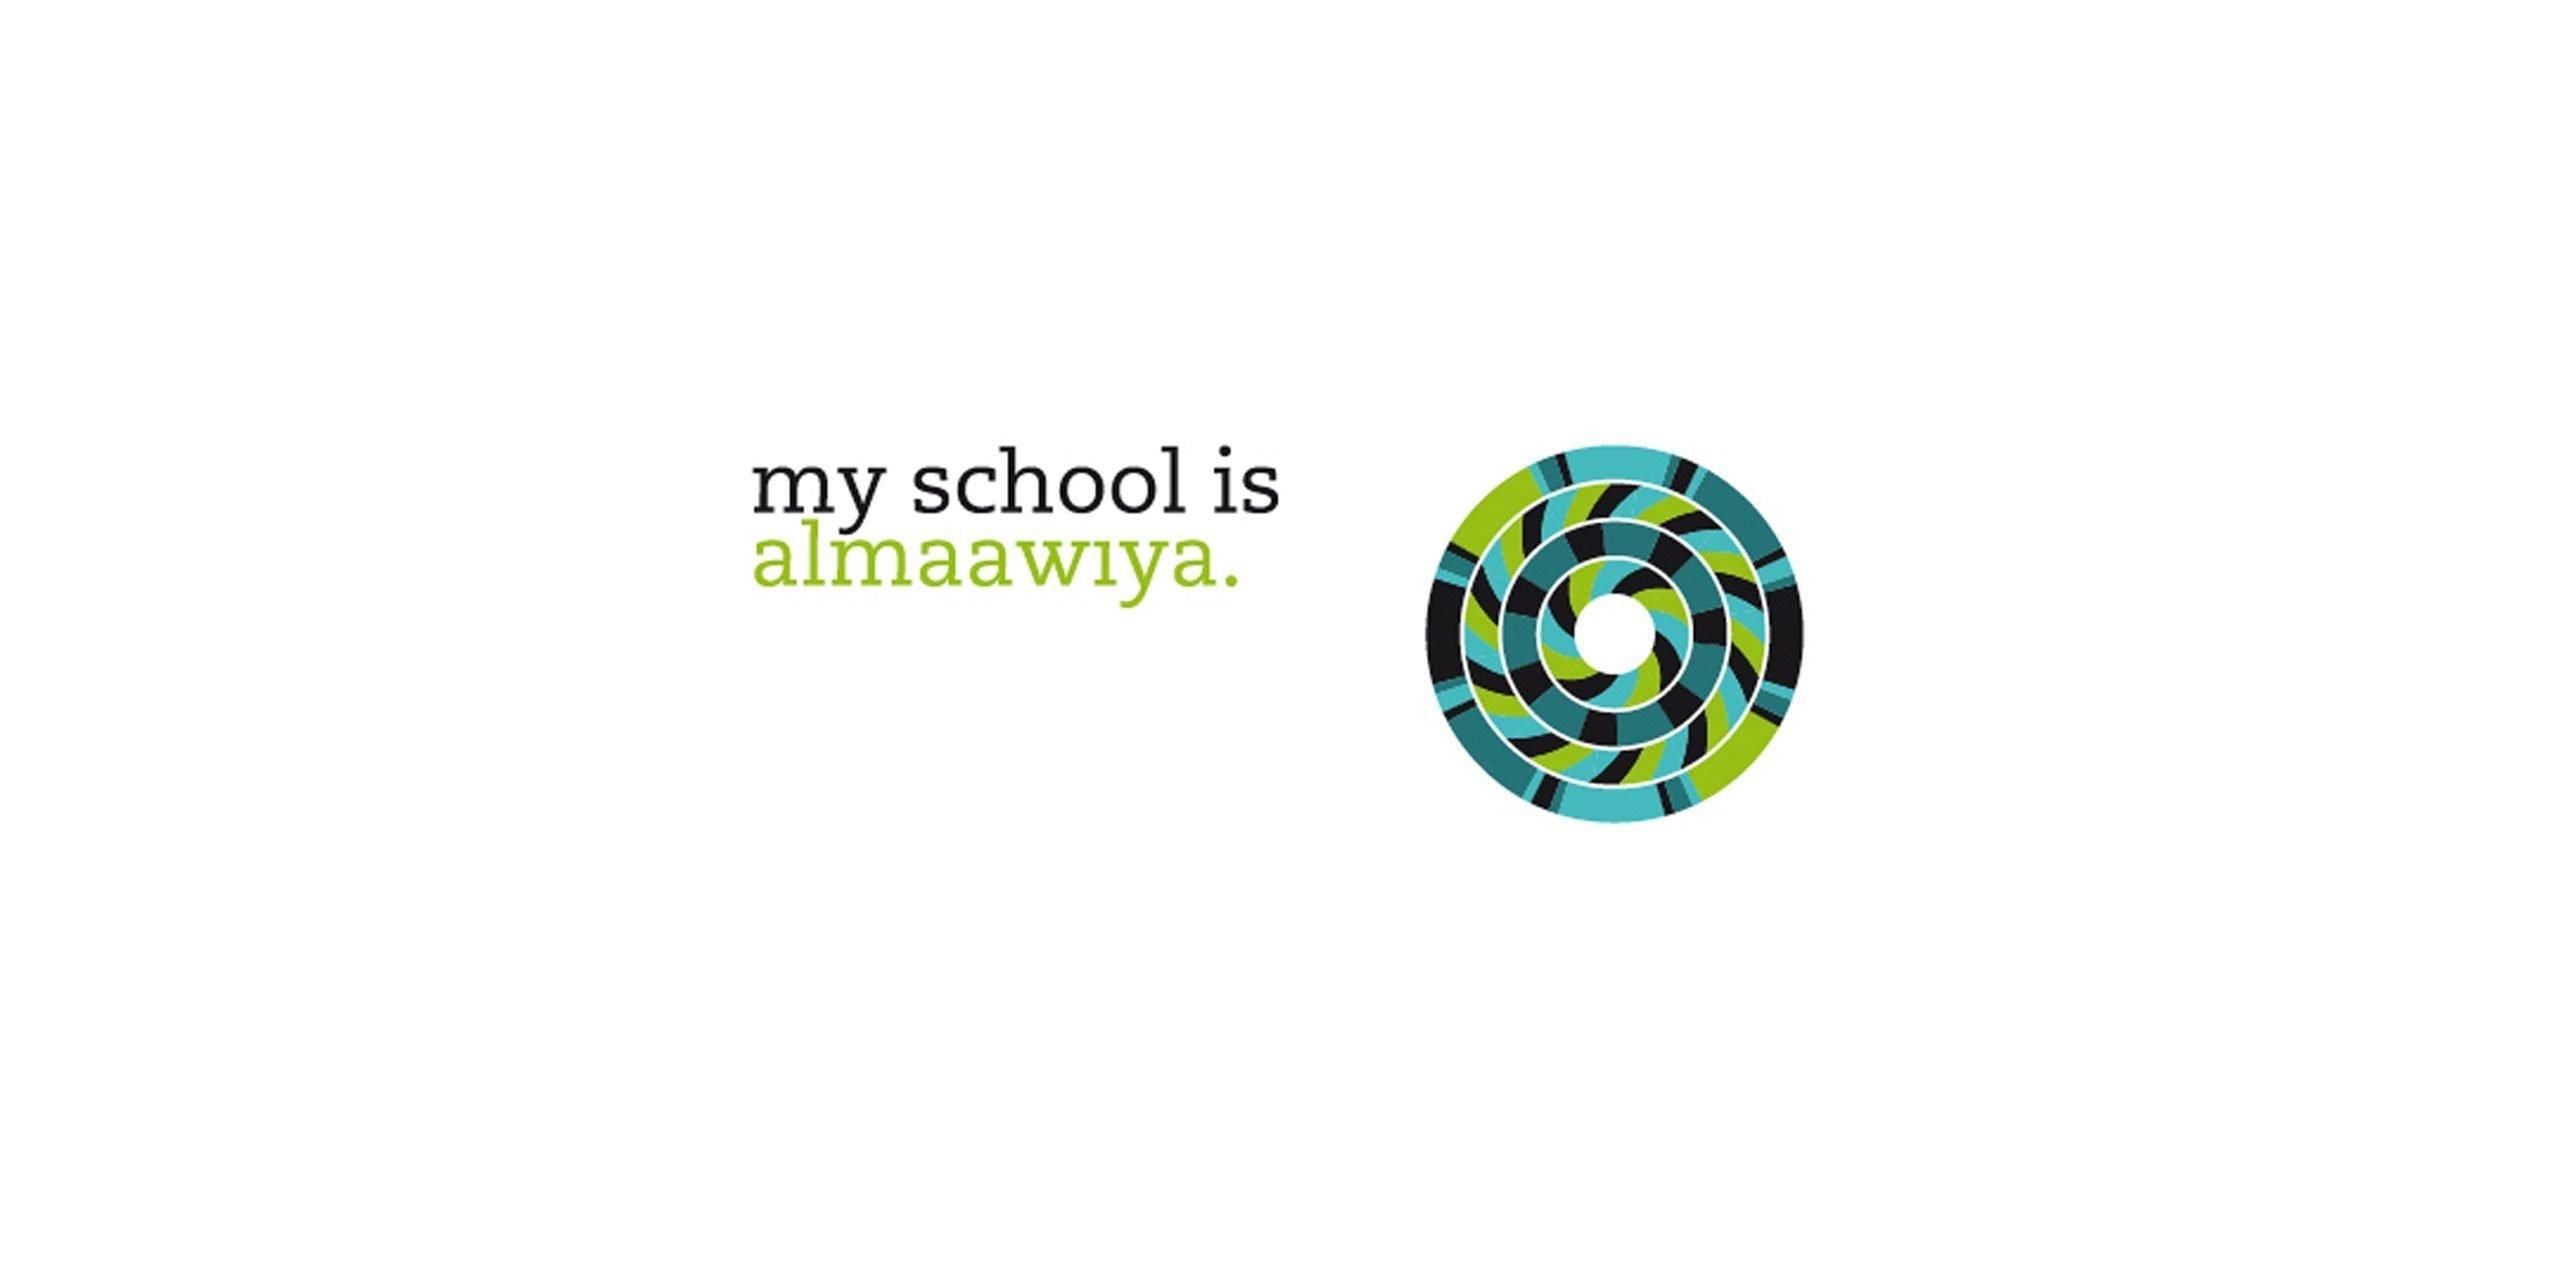 almaawiya